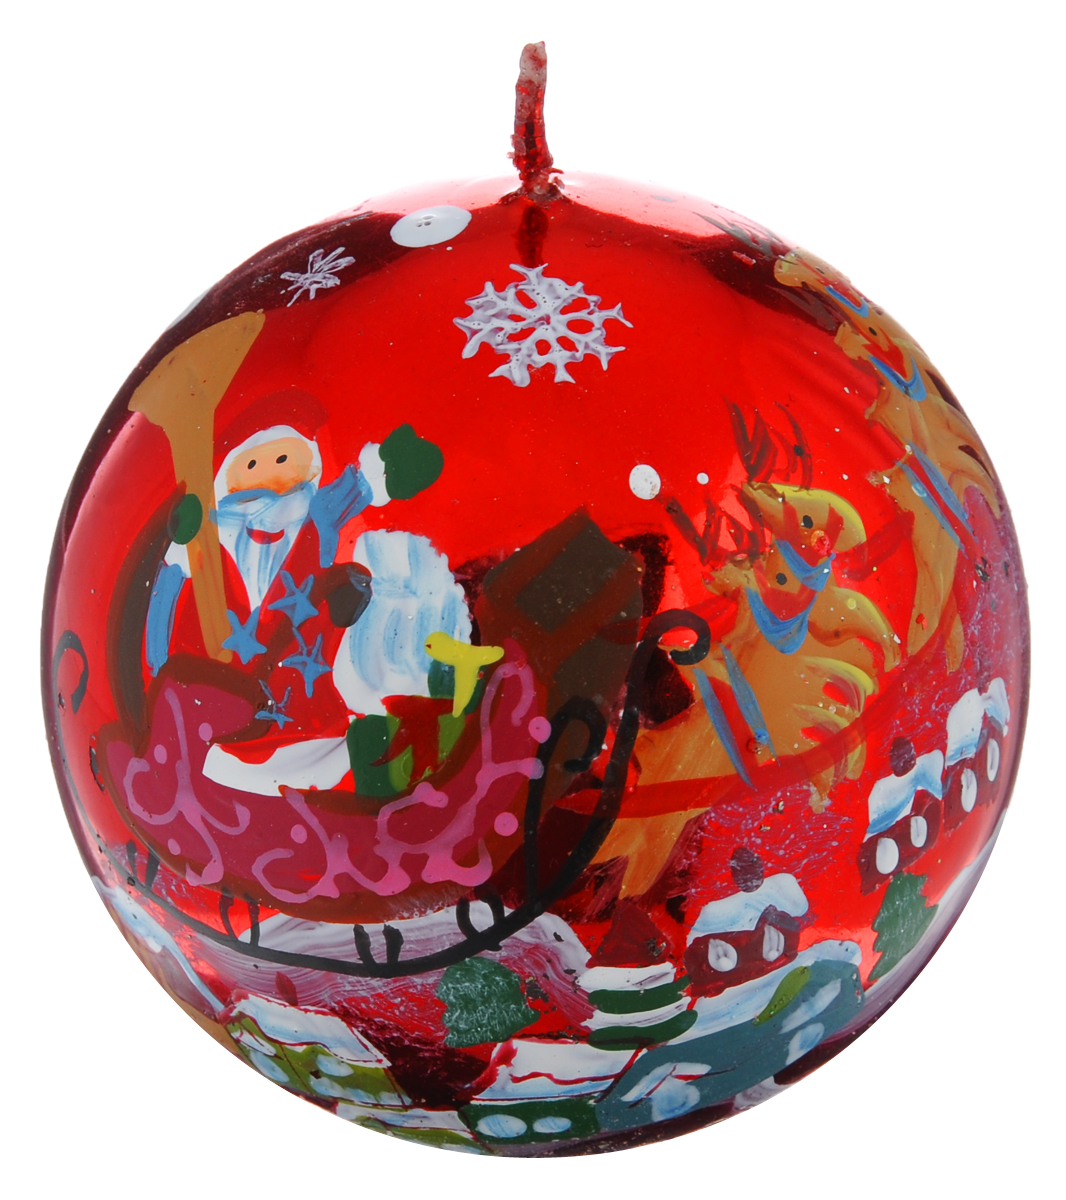 Свеча-шар Winter Wings Дед Мороз, диаметр 7,3 см825695Свеча Winter Wings Дед Мороз, изготовленная из парафина в форме шара, станет прекрасным украшением интерьера помещения в преддверии Нового года. Свеча имеет глянцевое покрытие с красивым новогодним рисунком. Такая свеча создаст атмосферу таинственности и загадочности и наполнит дом волшебством и ощущением праздника. Хороший сувенир для друзей и близких.